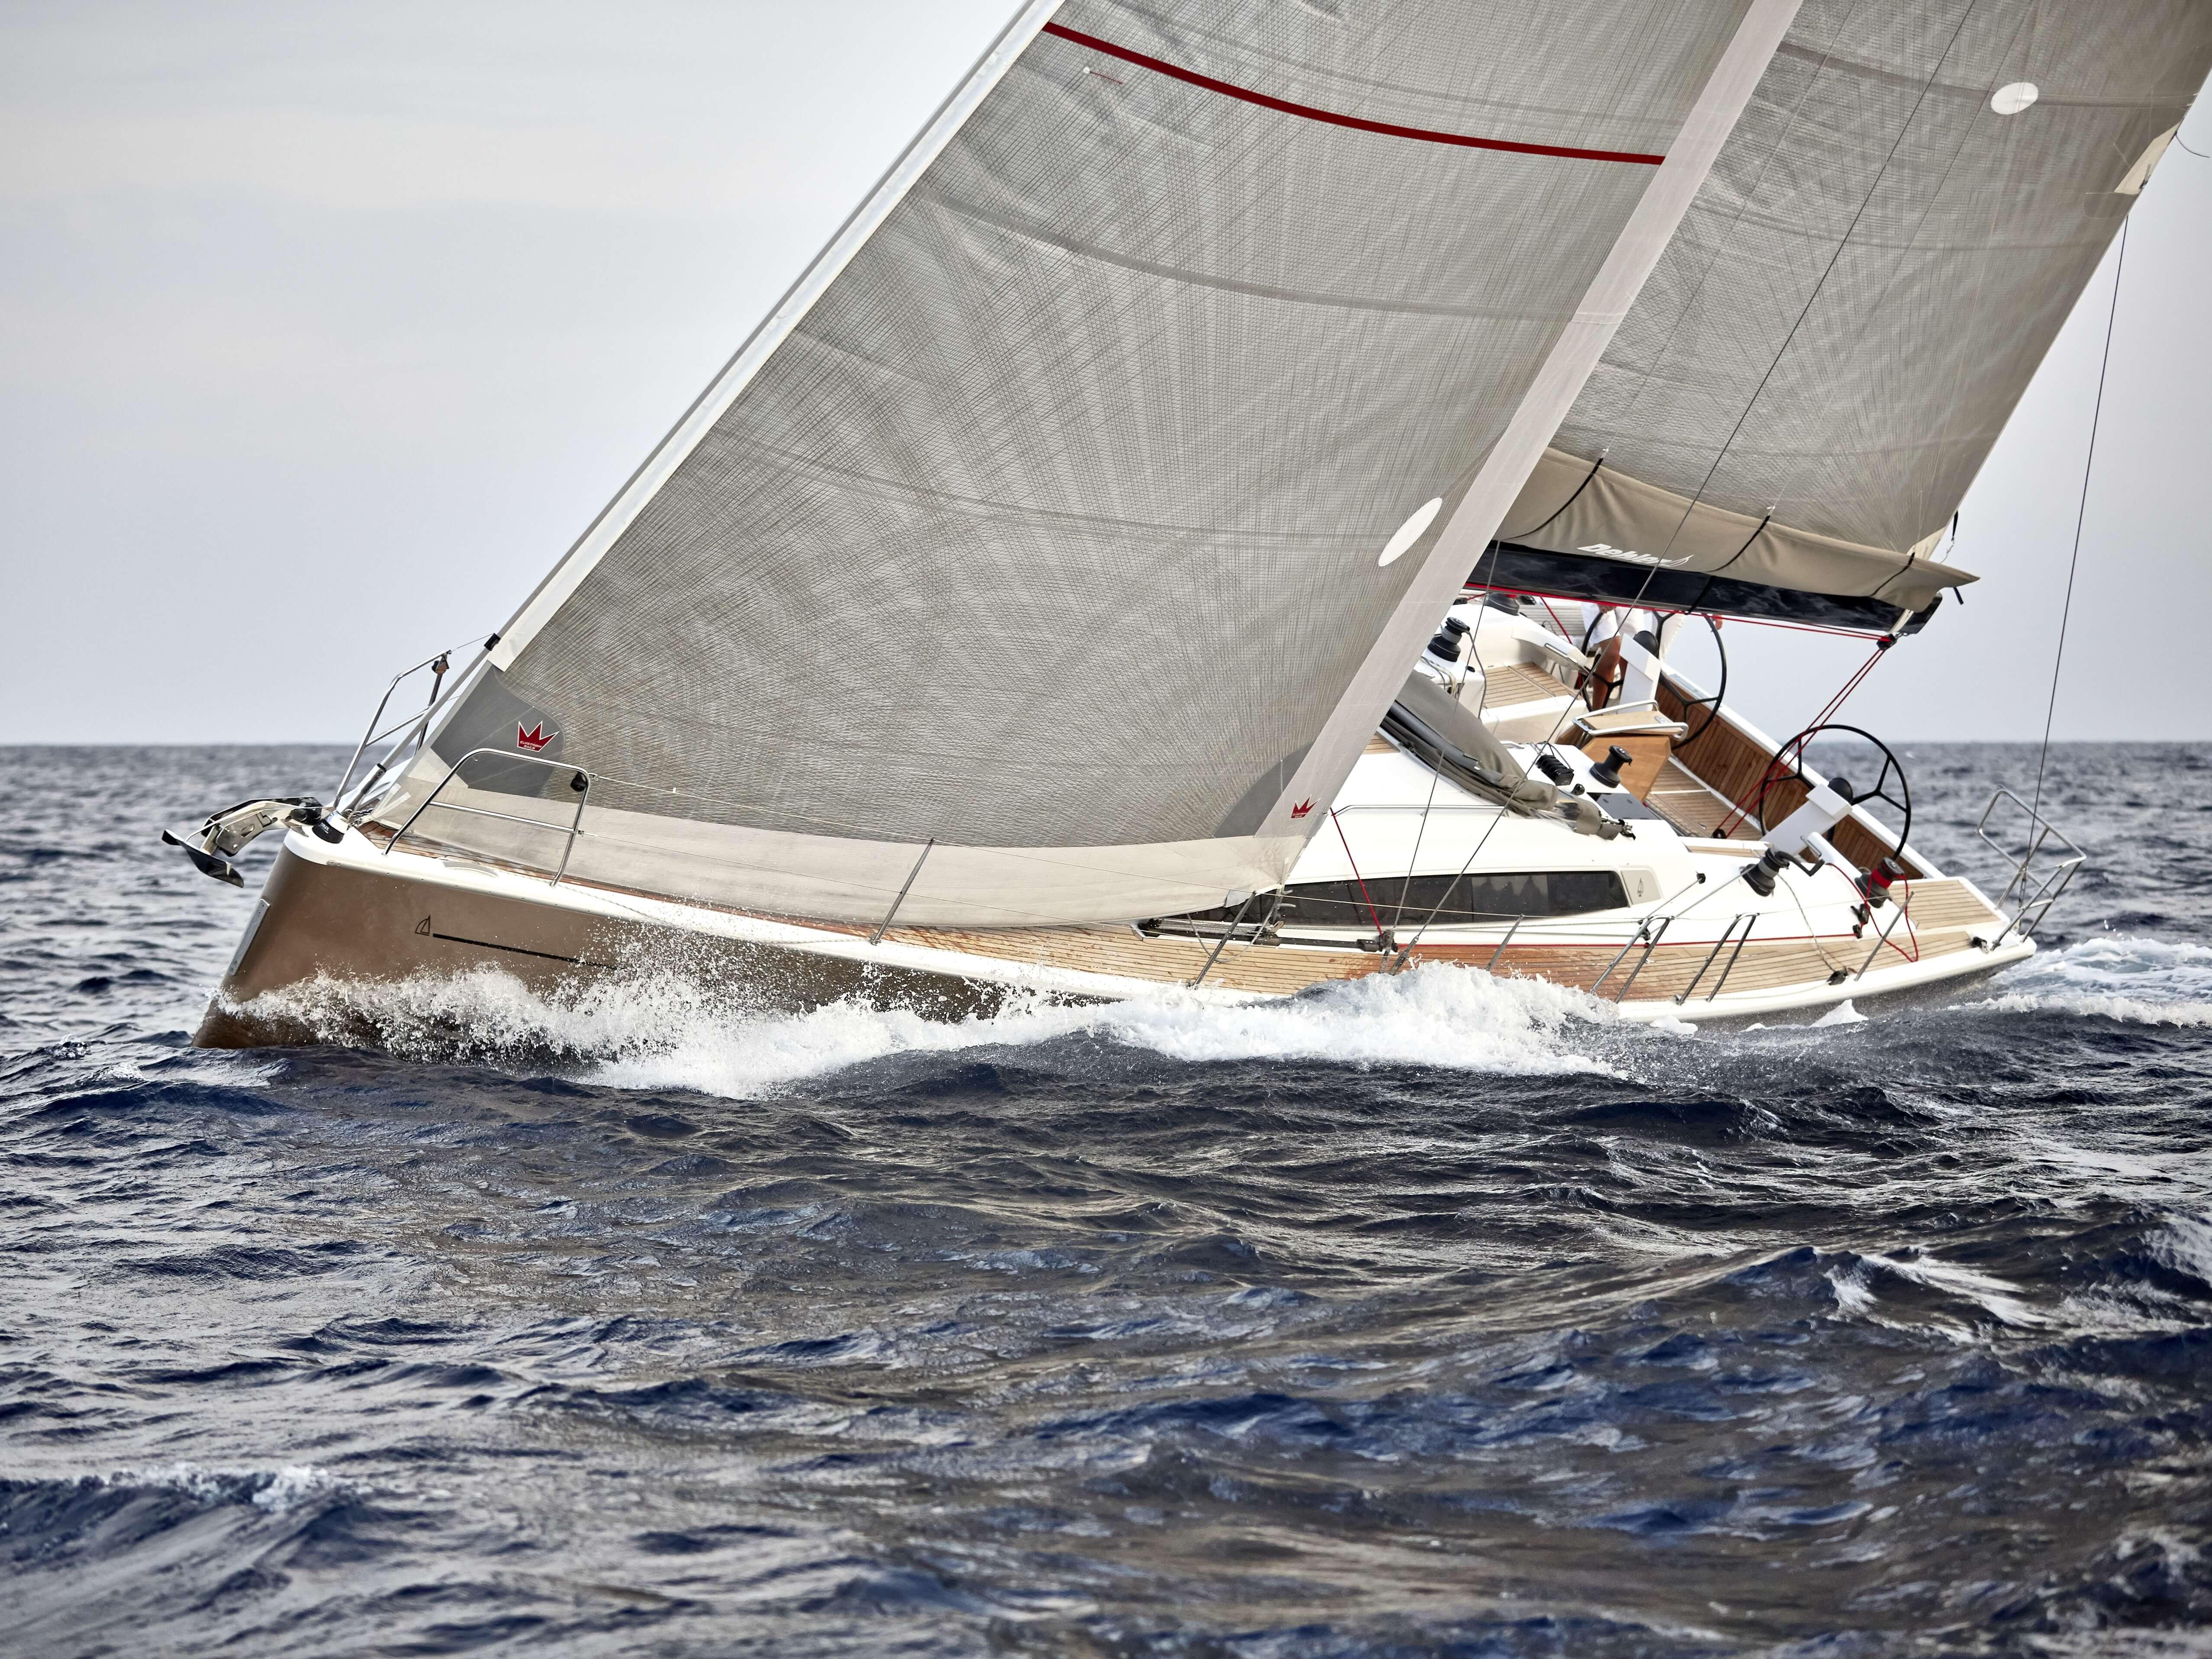 Dehler 46 Esterno vela | vela di trinchetto, vela maestra | Dehler